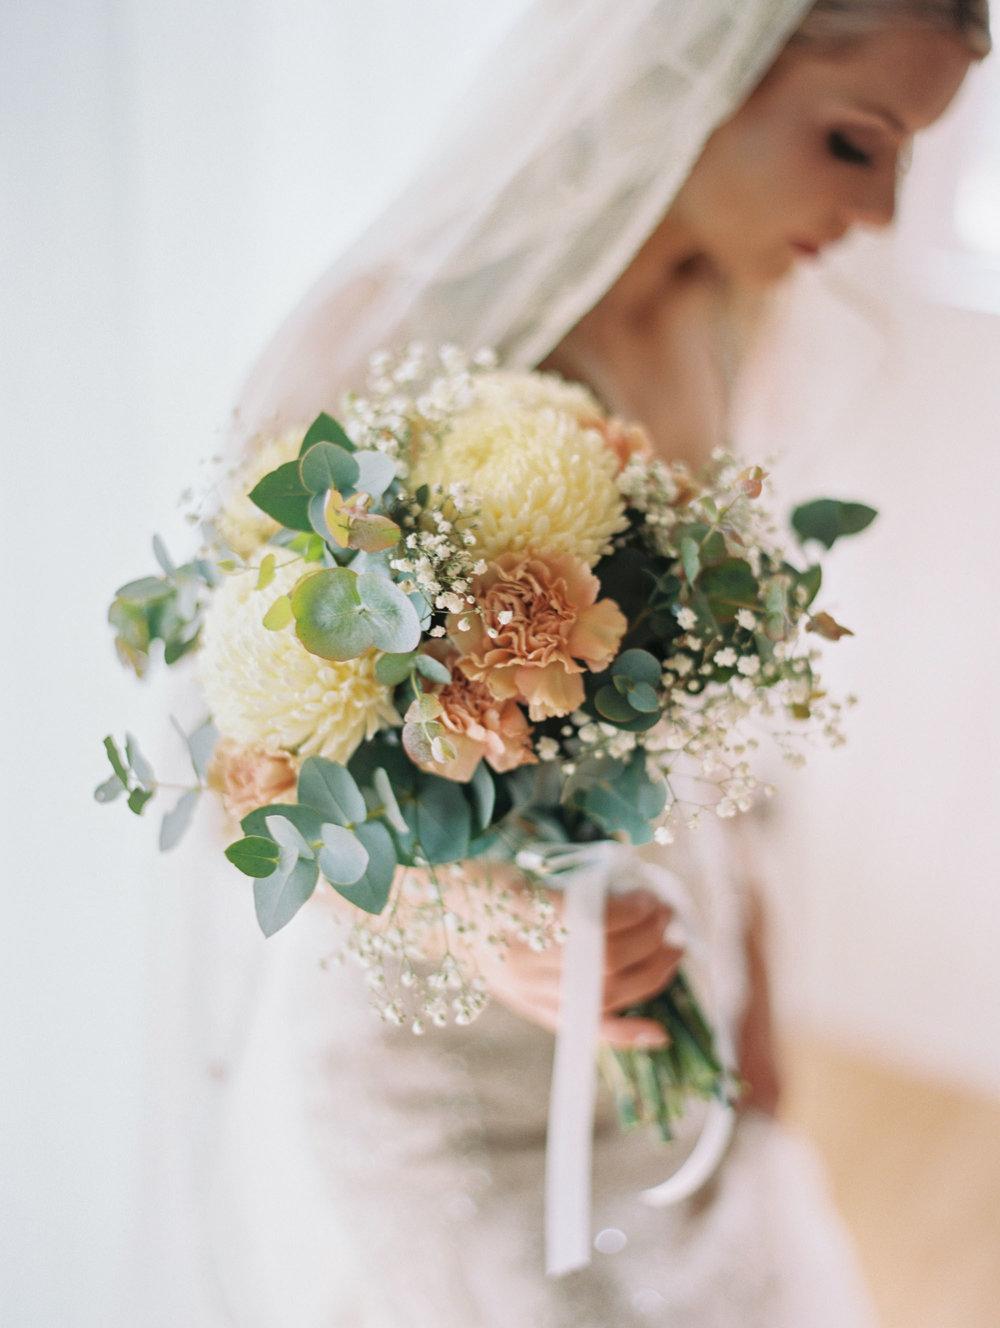 Whitehouse-hahndorf-wedding-photography-036.jpg